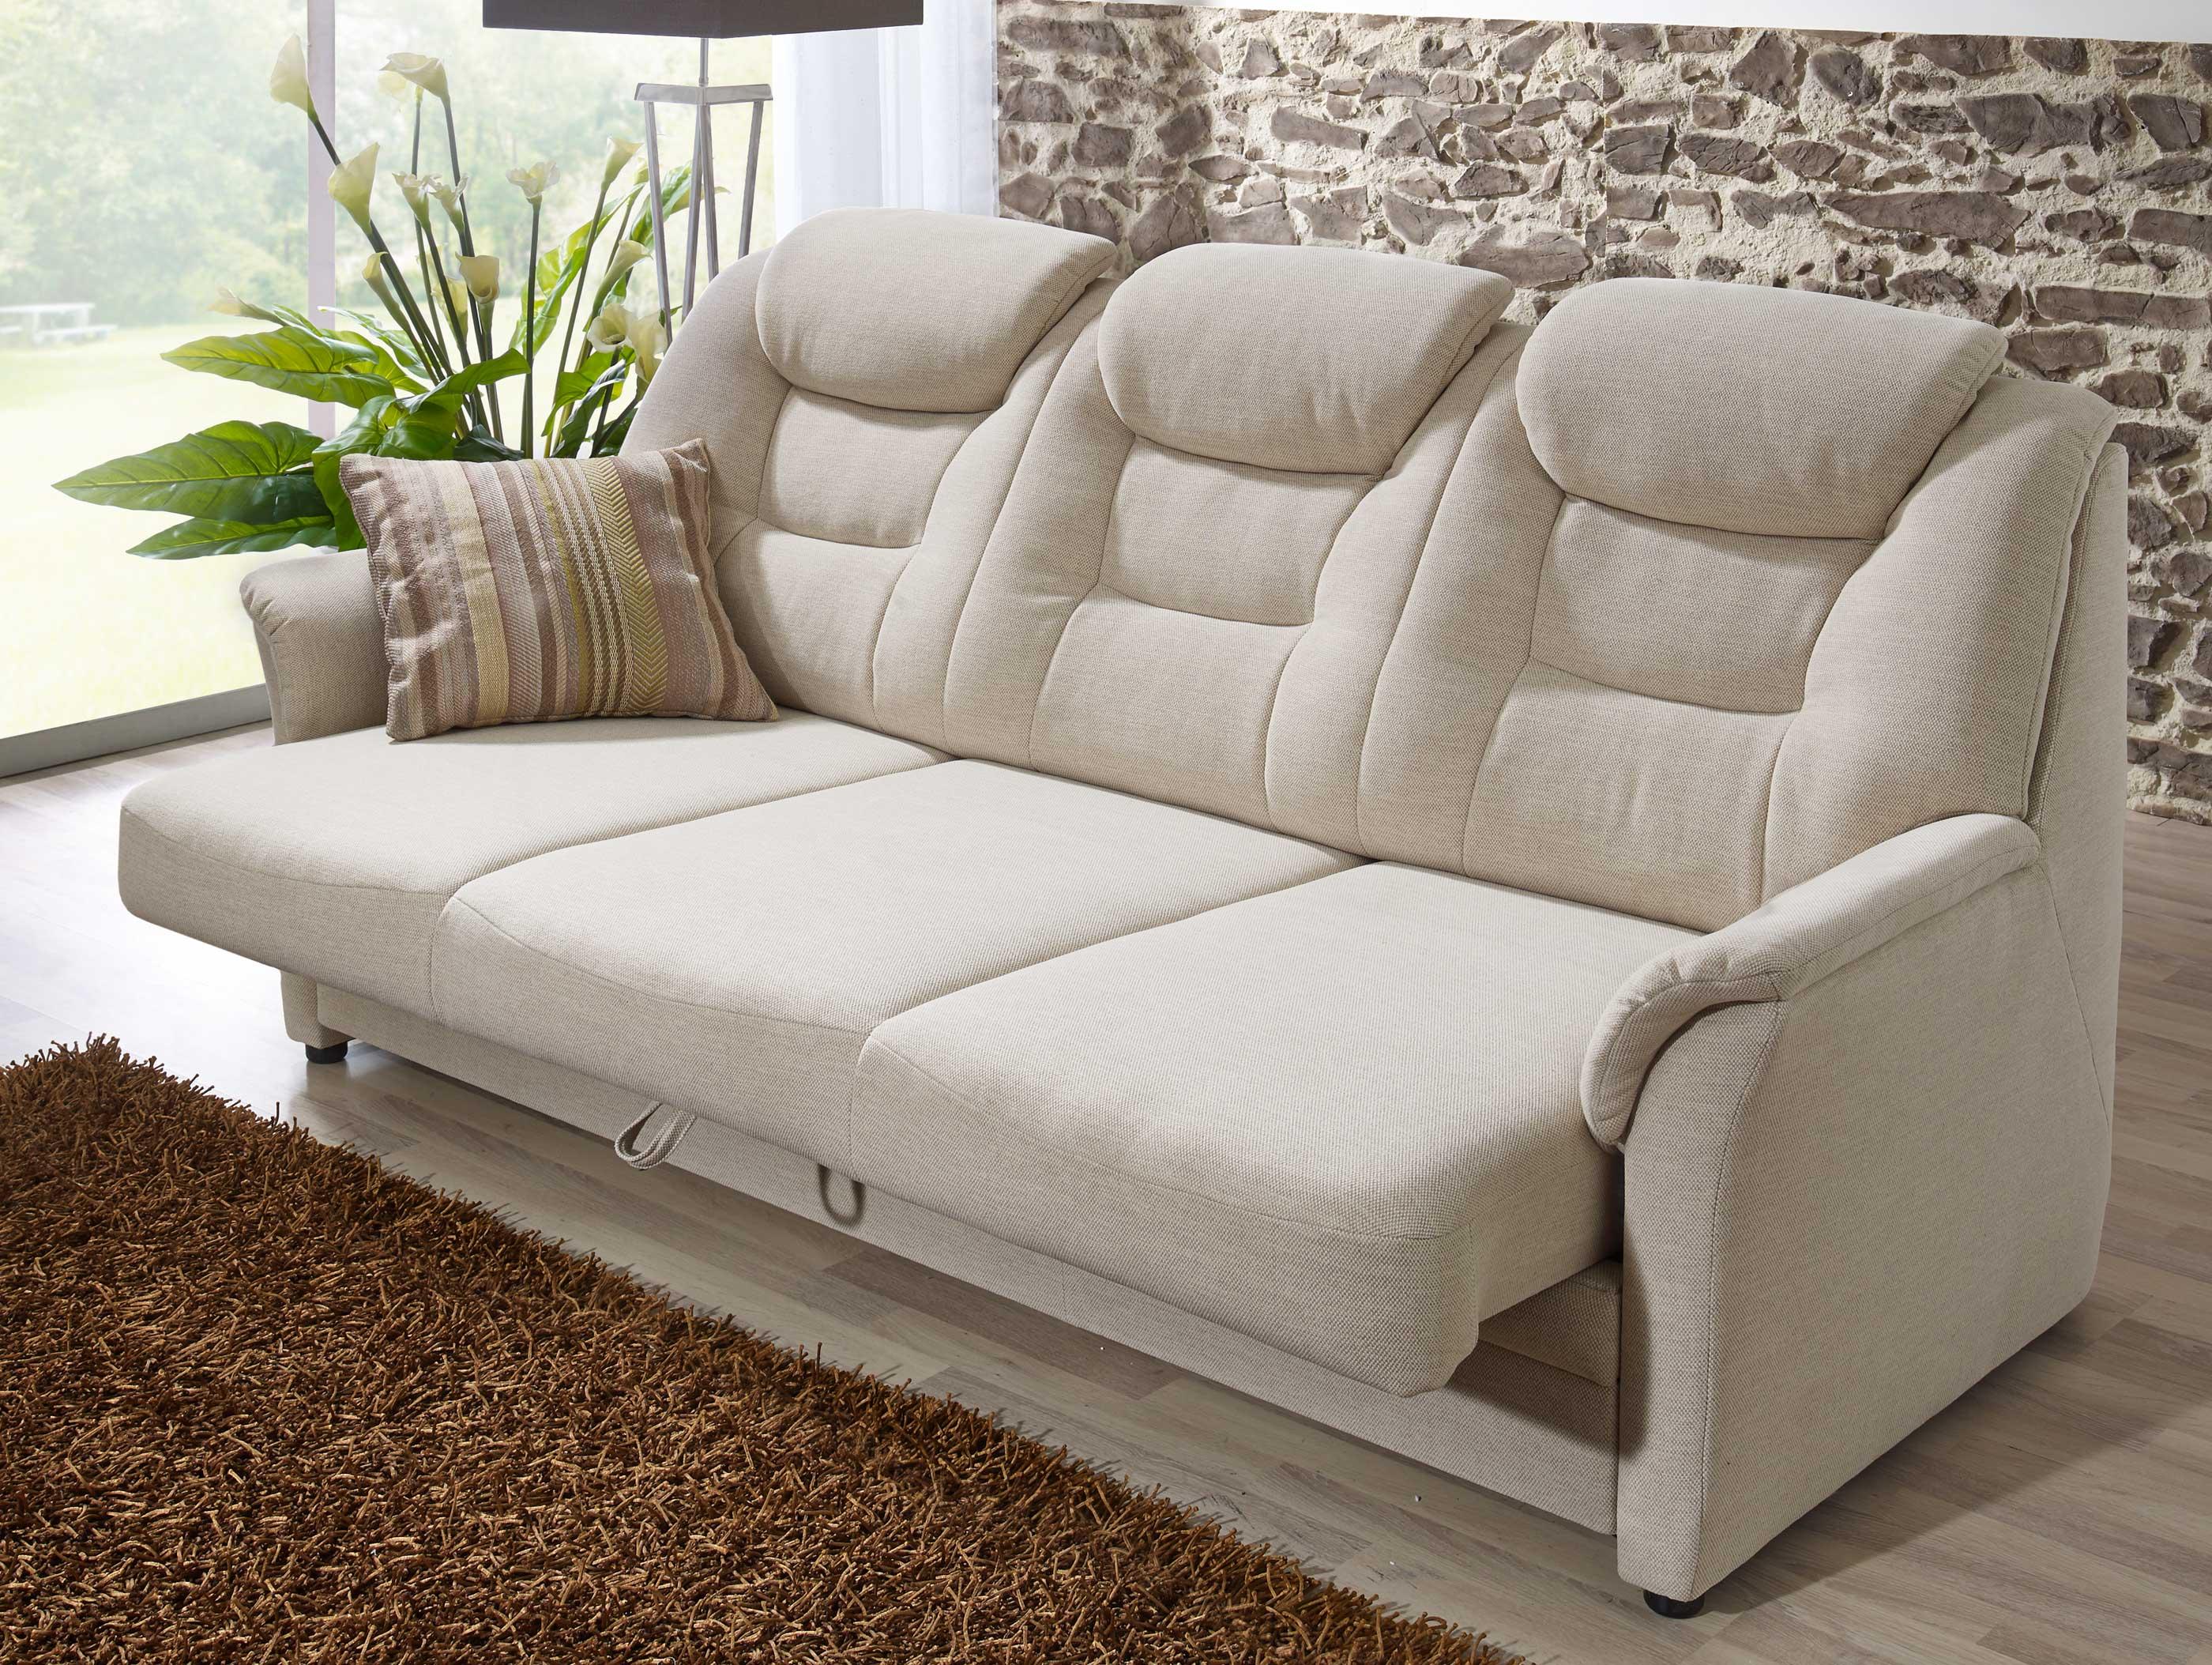 Dietsch Kiel 3Sitzer Sofa mit Sitztiefenverstellung